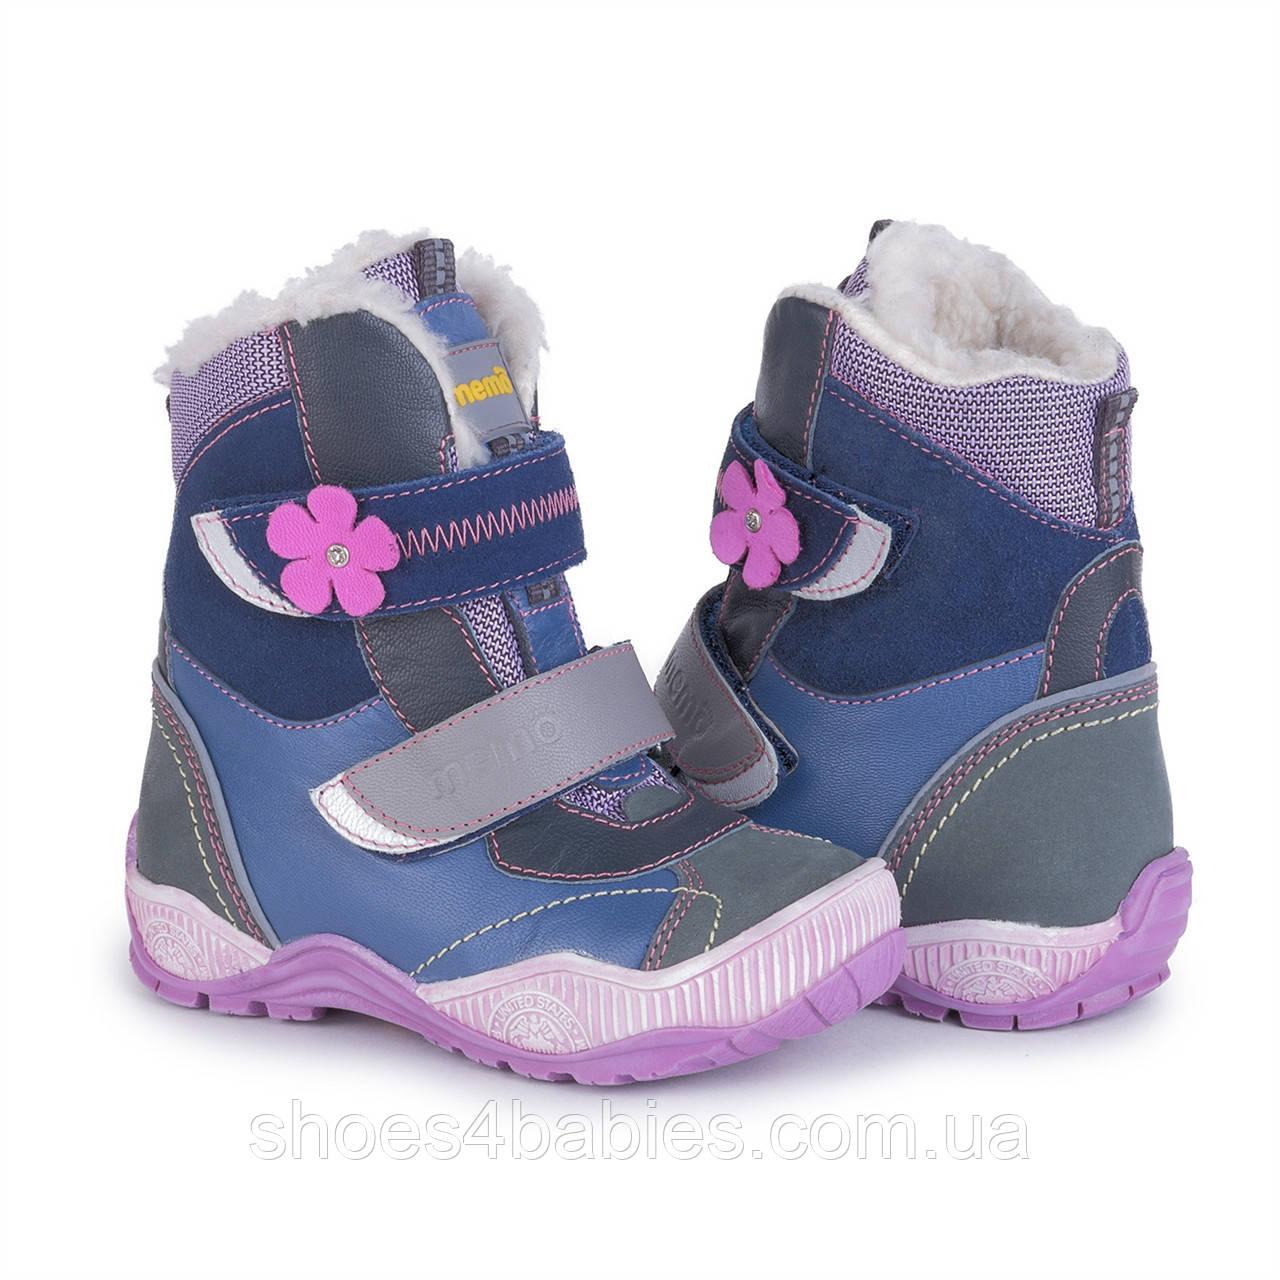 Memo Aspen 1JB - Зимние ортопедические ботинки для детей (фиолетовые) 31